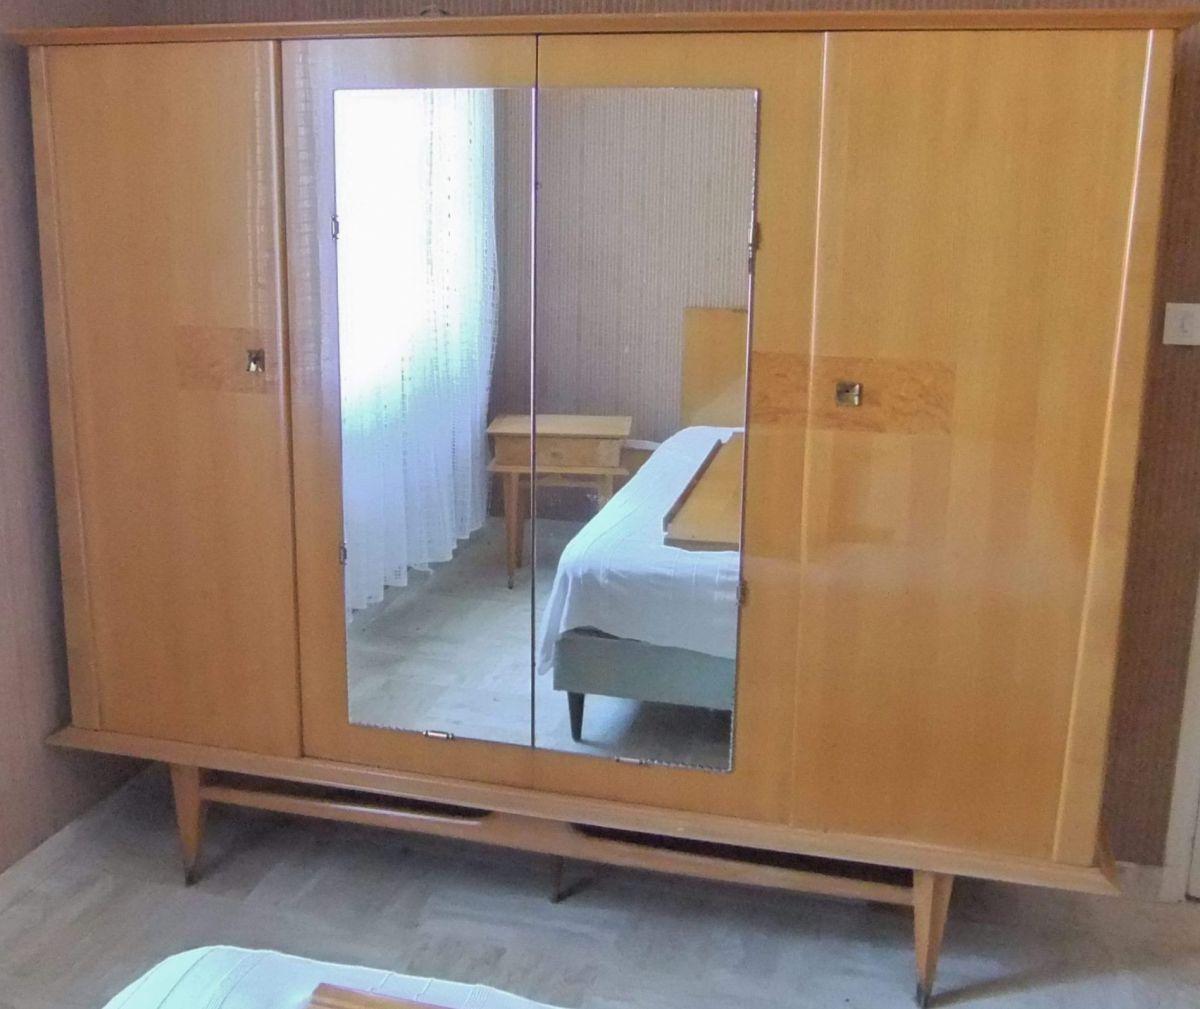 armoire 4 portes haut de gamme scandinave annees 50 60. Black Bedroom Furniture Sets. Home Design Ideas